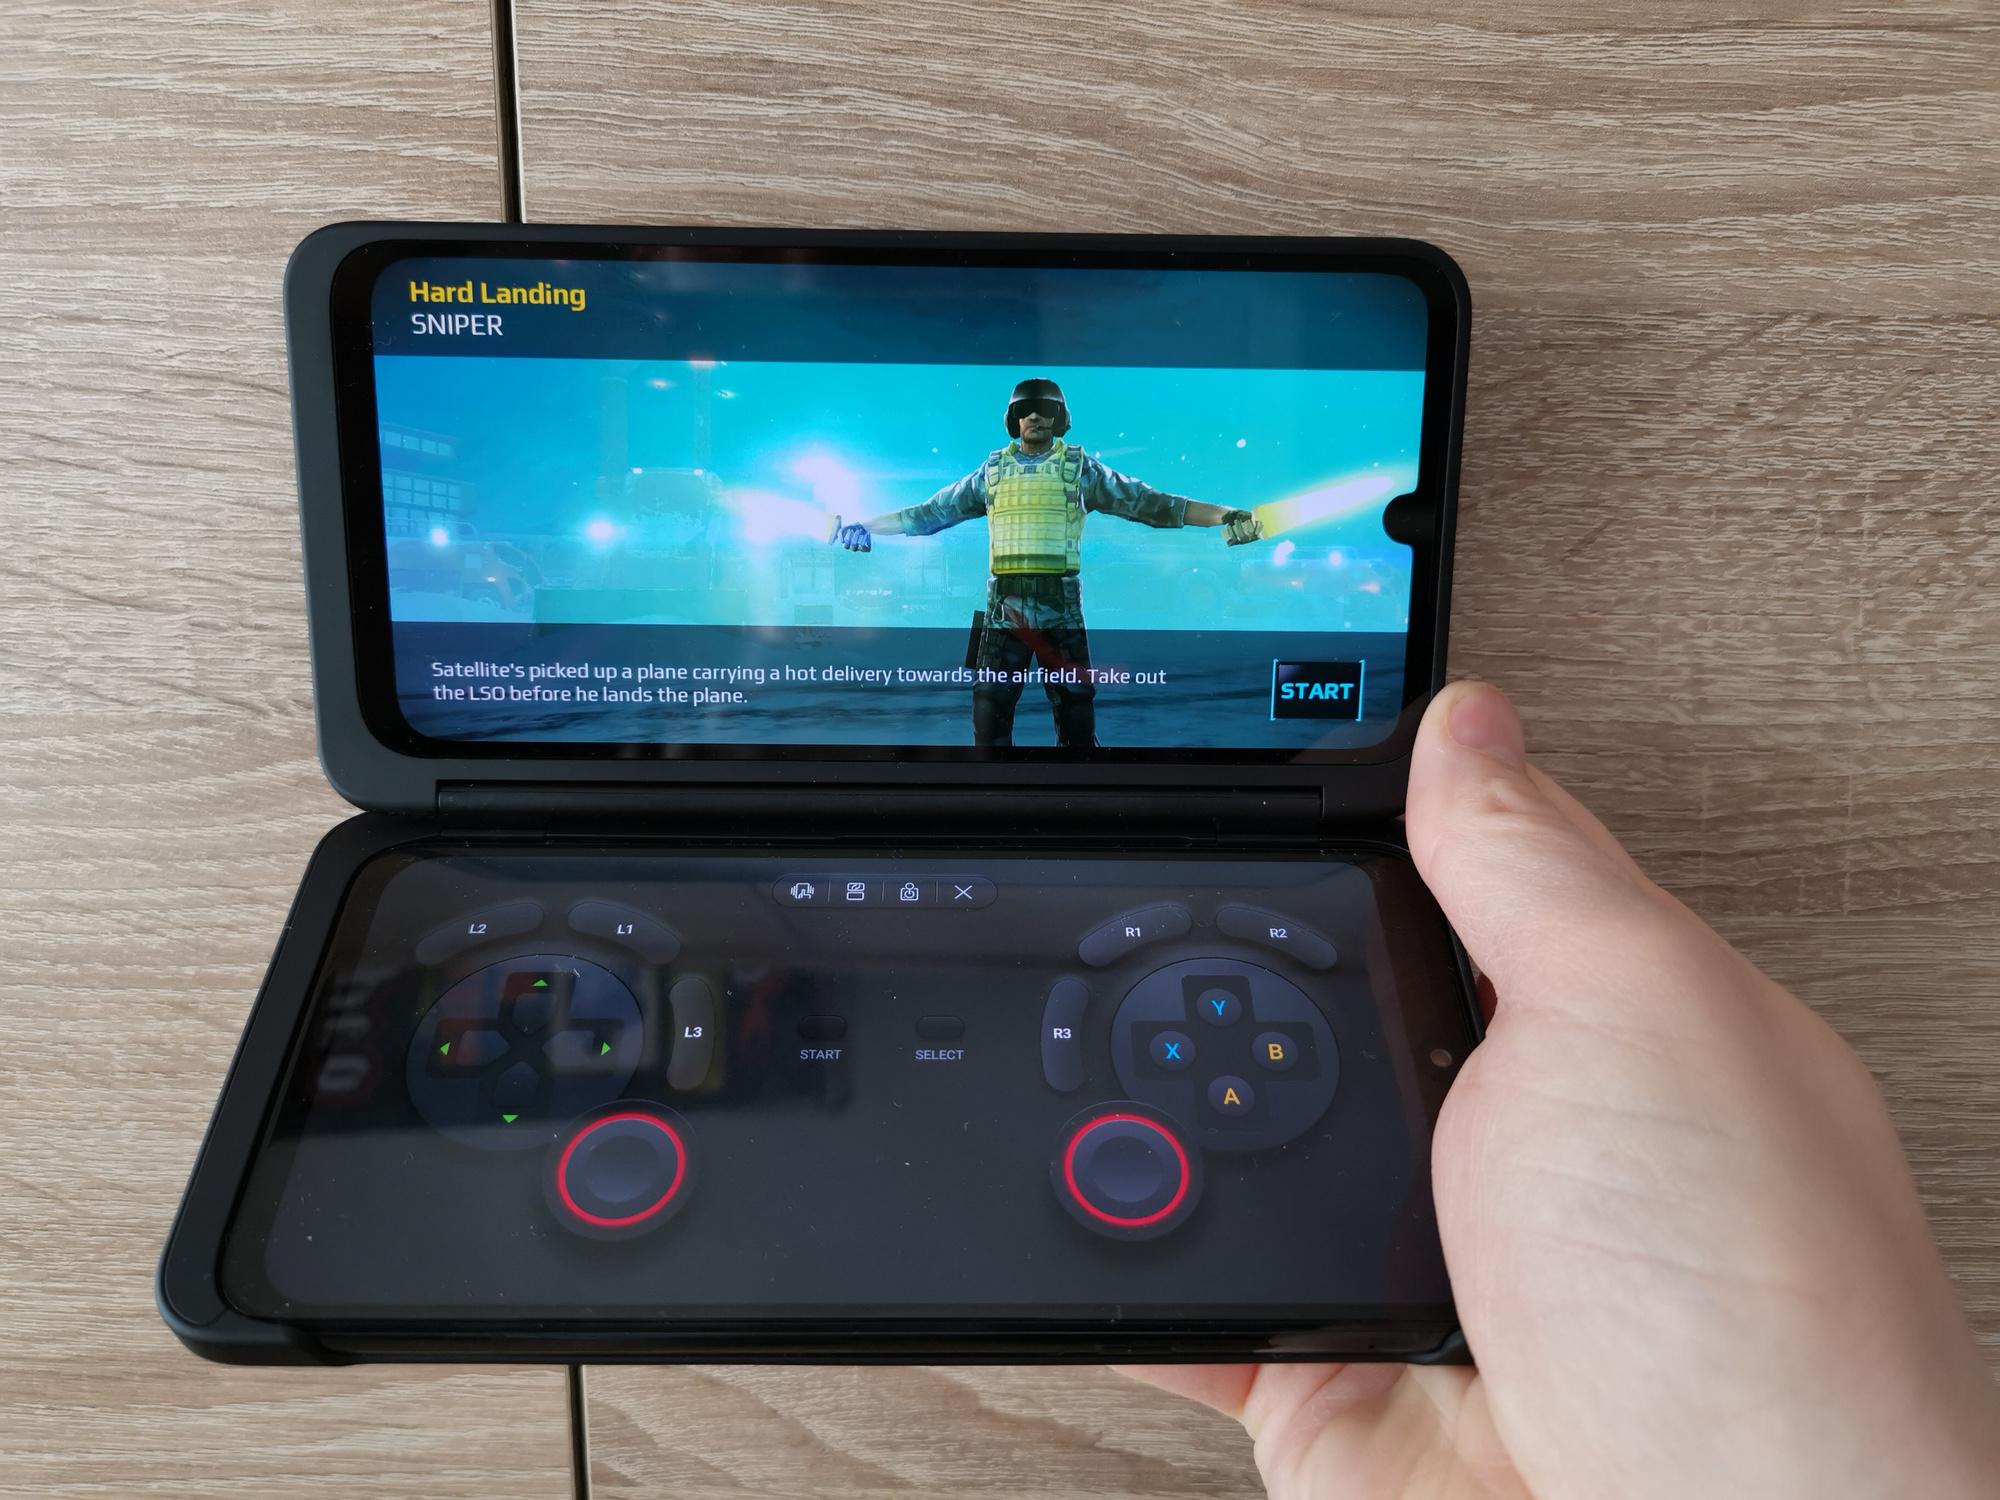 Het tweede display laat zich omtoveren tot een virtuele controller voor je favoriete games.